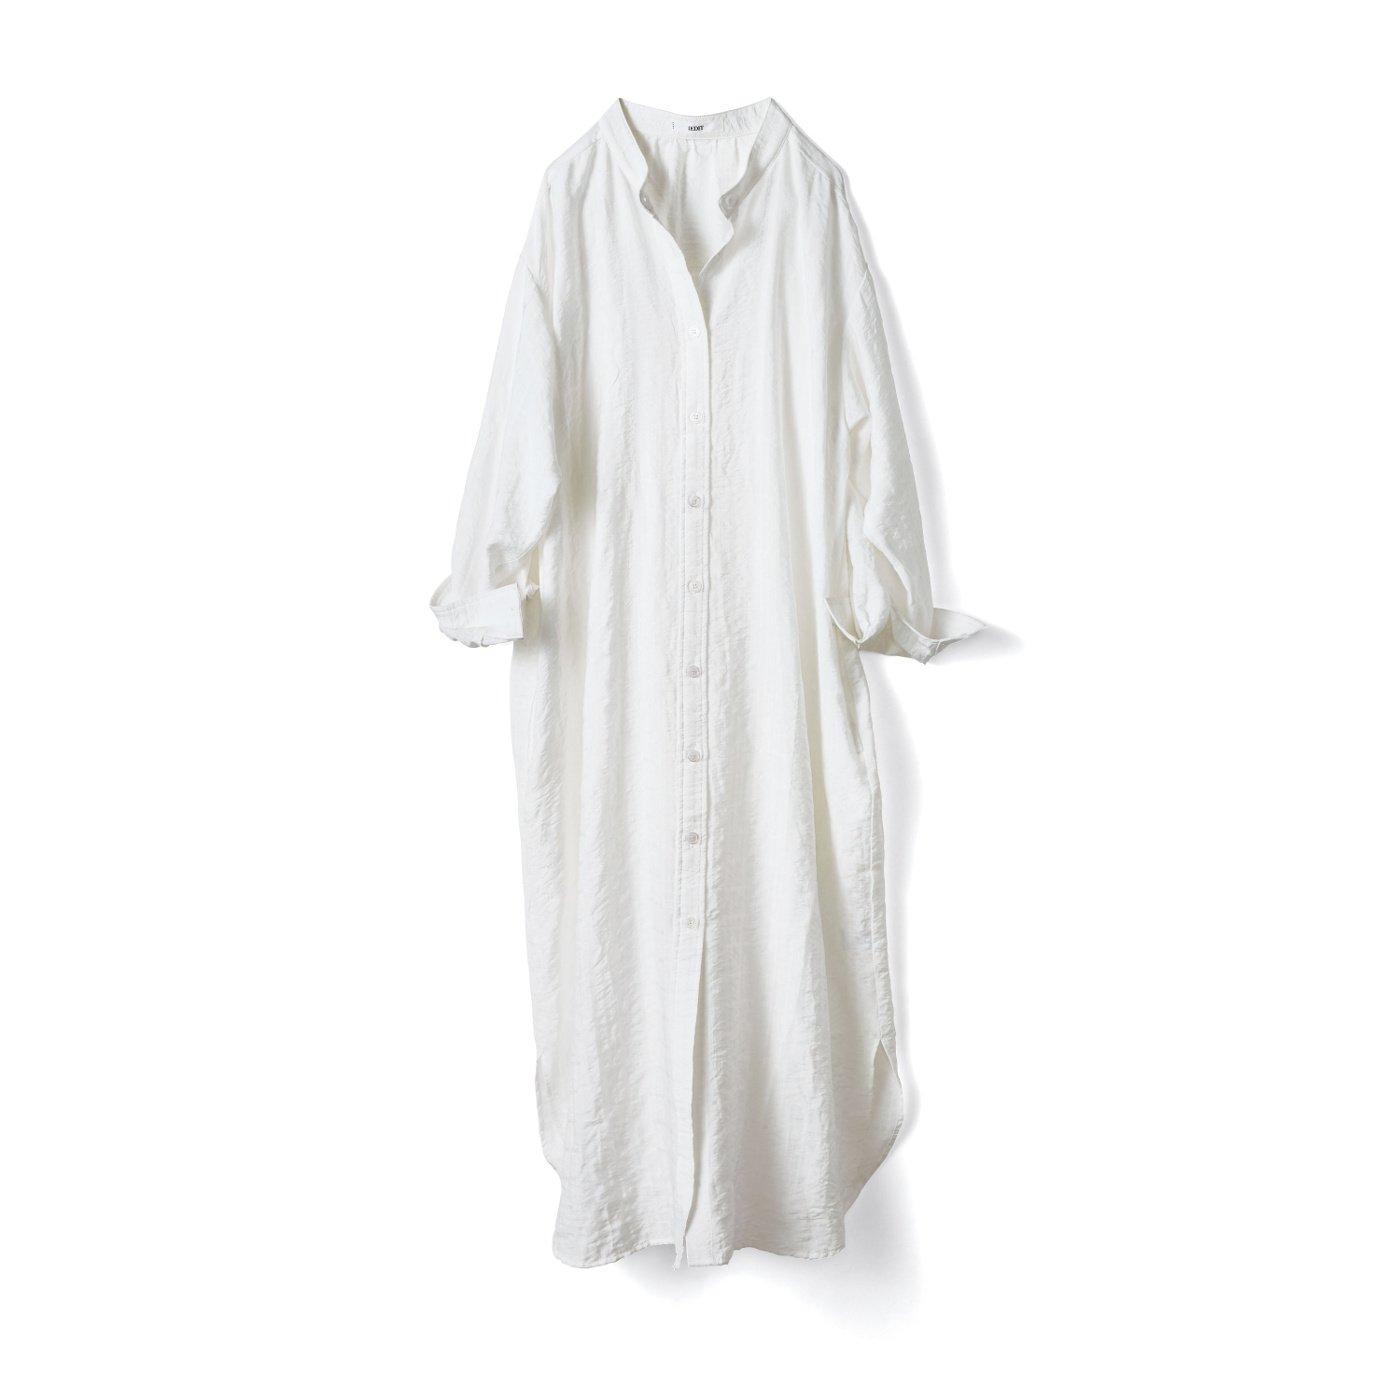 IEDIT リヨセル混素材のロングシャツワンピ〈ホワイト〉